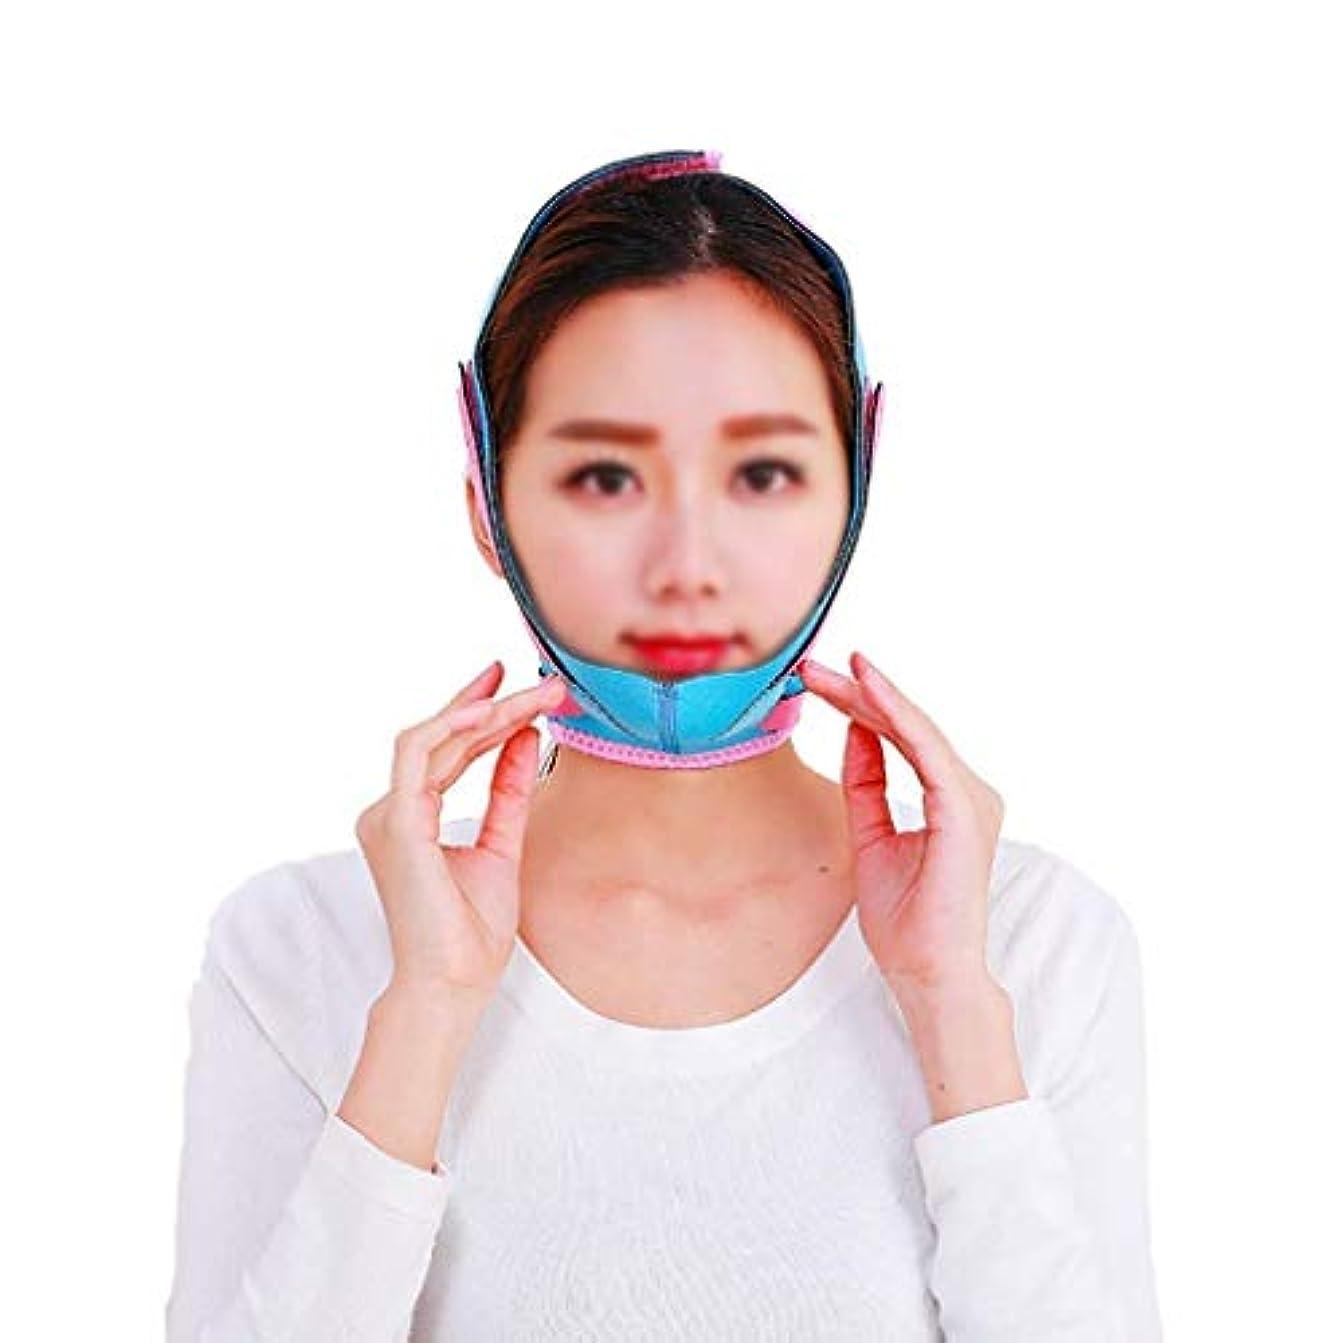 掻くびっくりカビ顔と首のリフト、男性と女性のフェイスリフトアーティファクトシュリンクマスクを強化輪郭の救済ドループ筋肉引き締め肌弾性V顔包帯